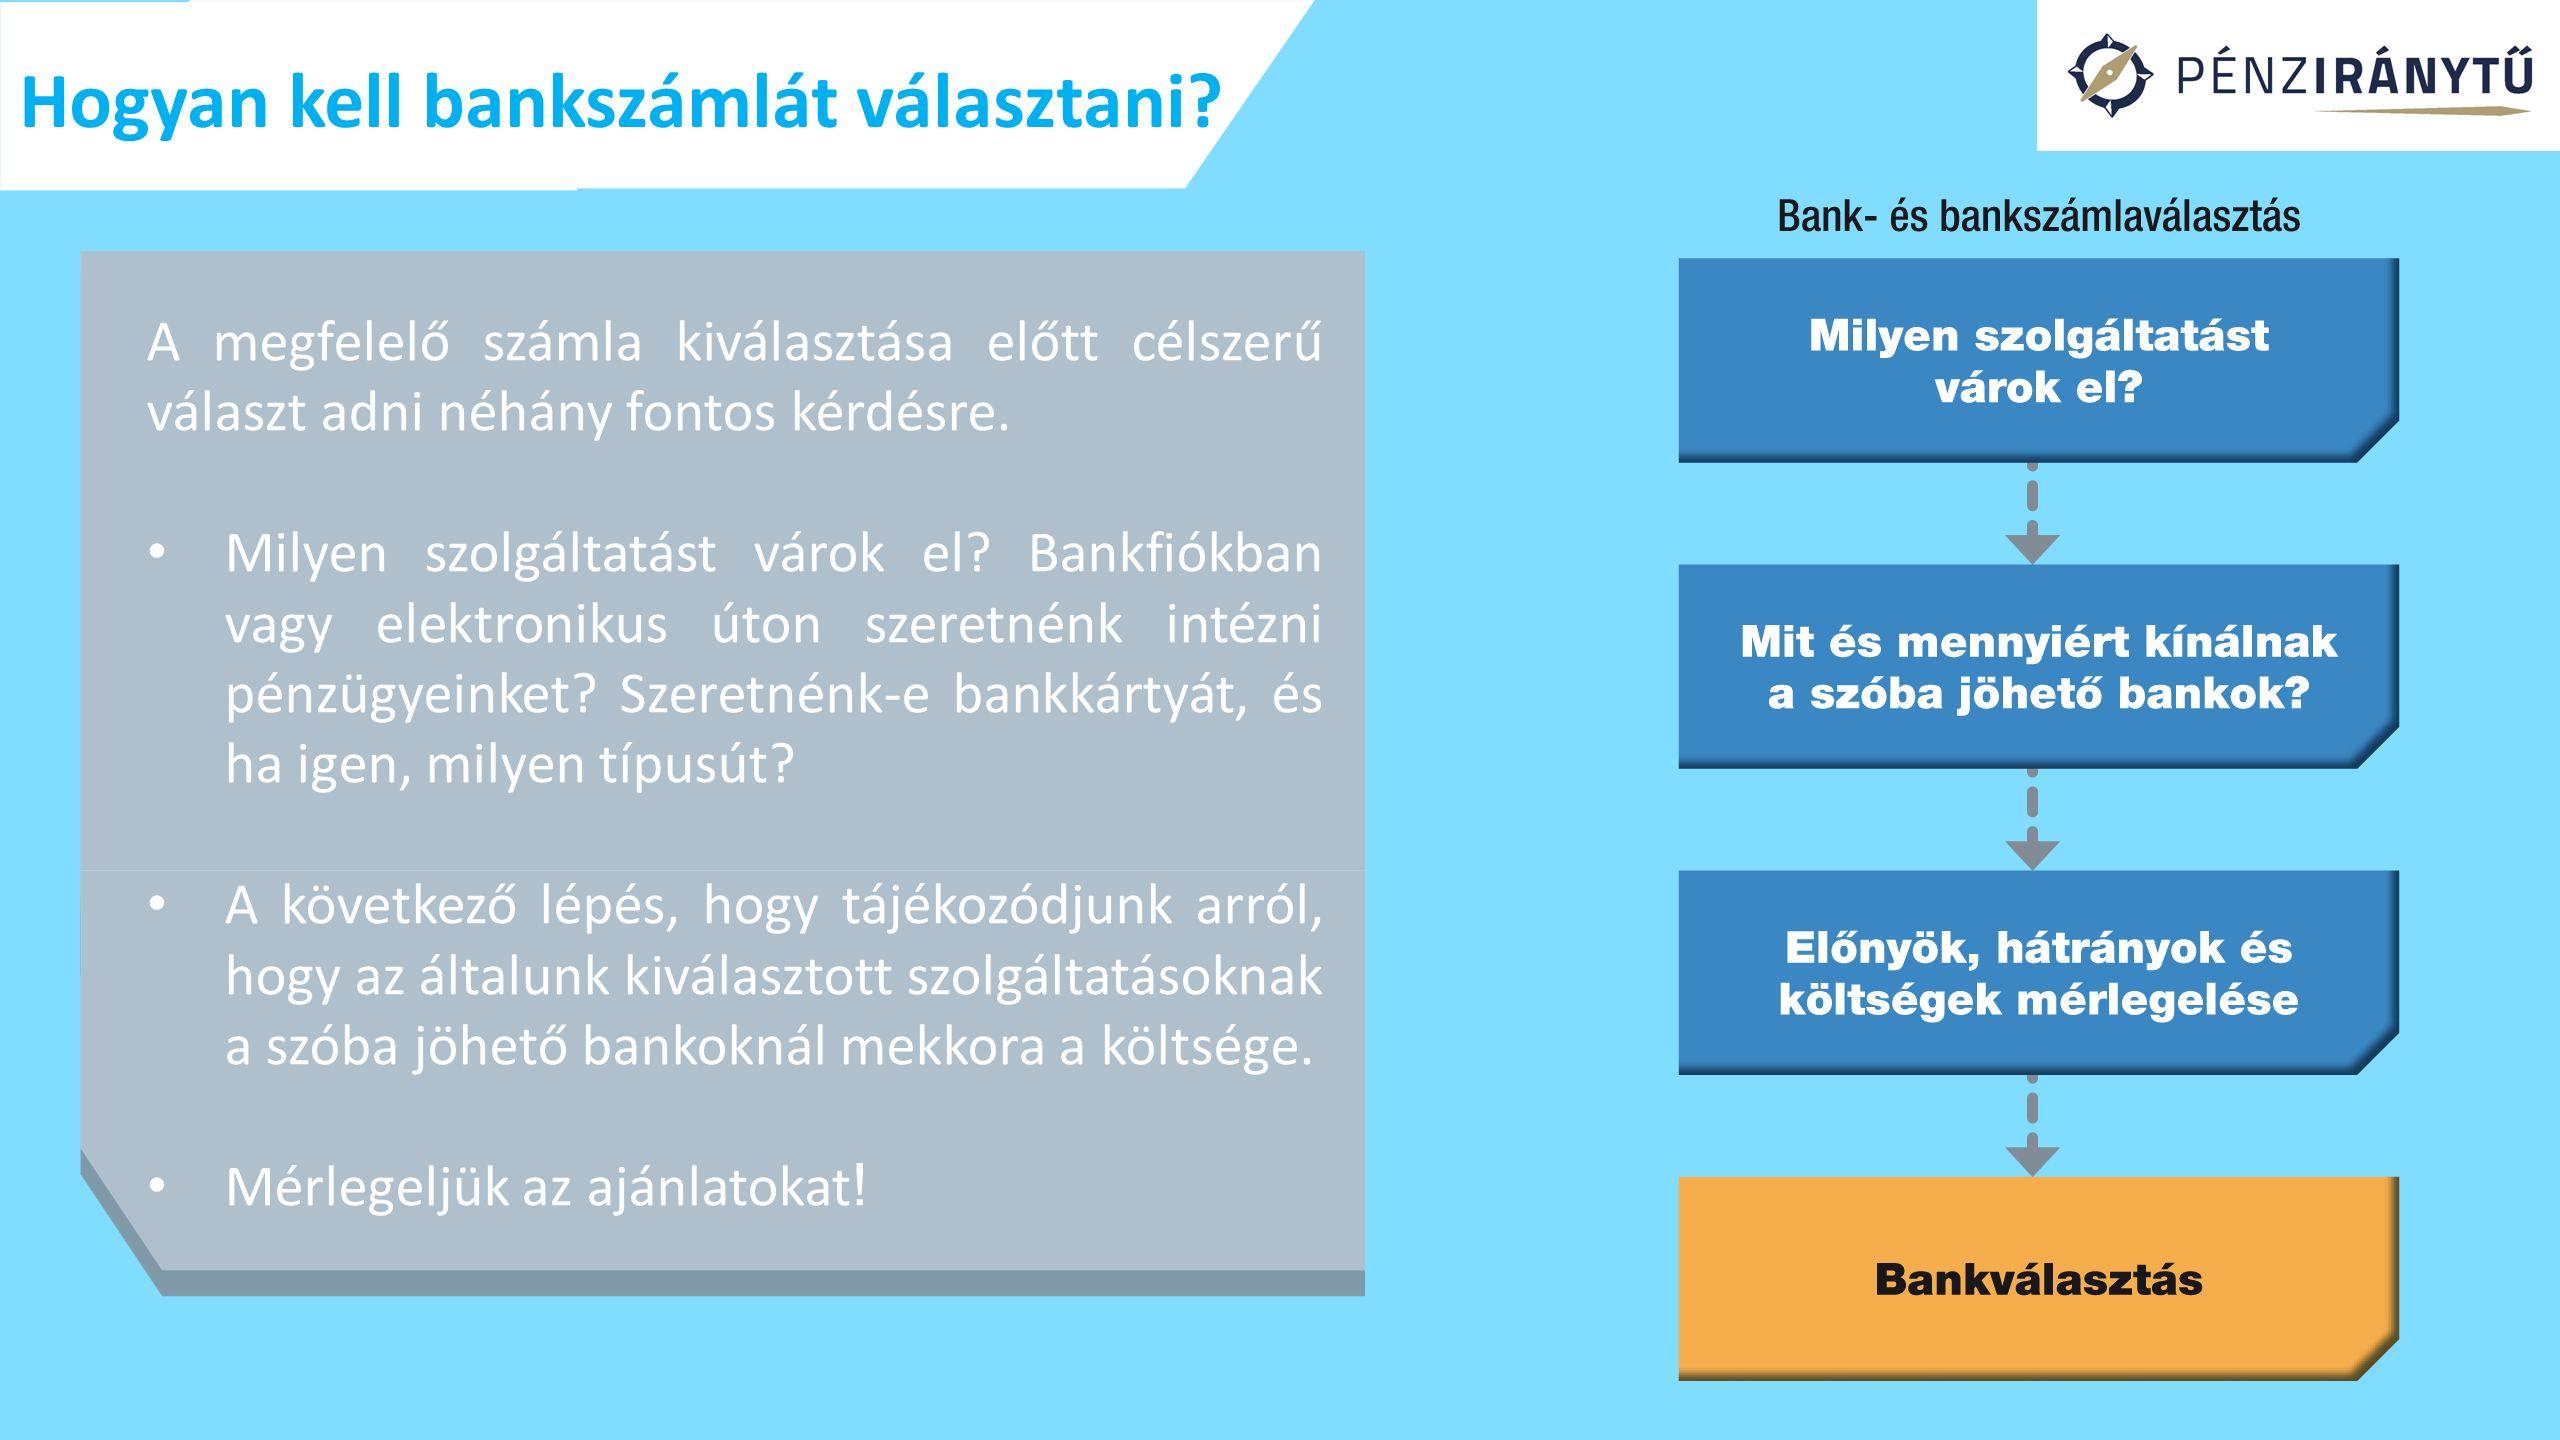 Hogyan kell bankszámlát választani